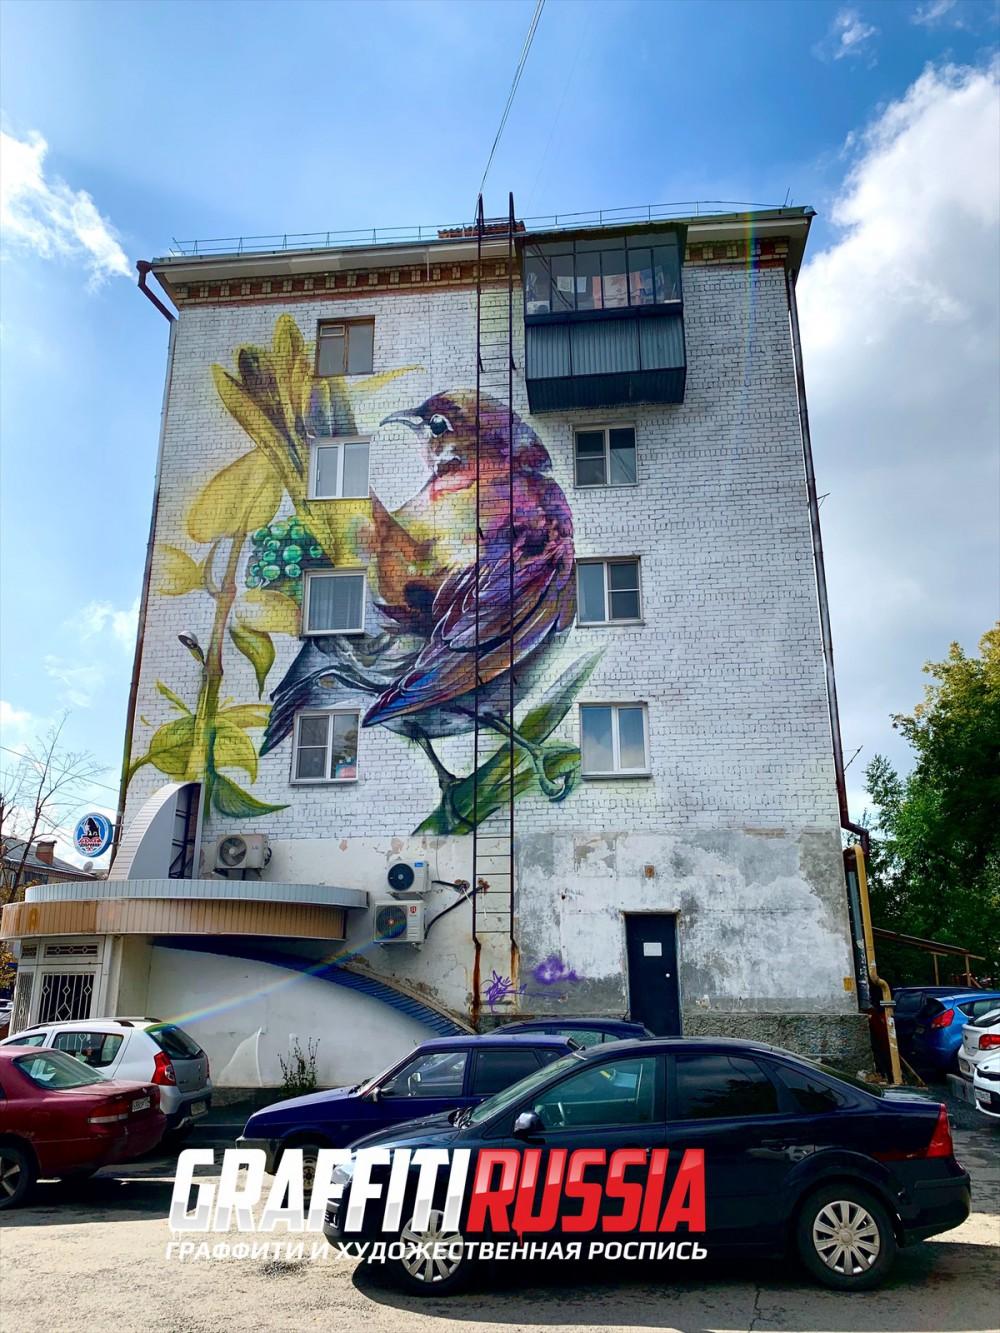 В центре Челябинска на стене пятиэтажки появилась гигантская птица